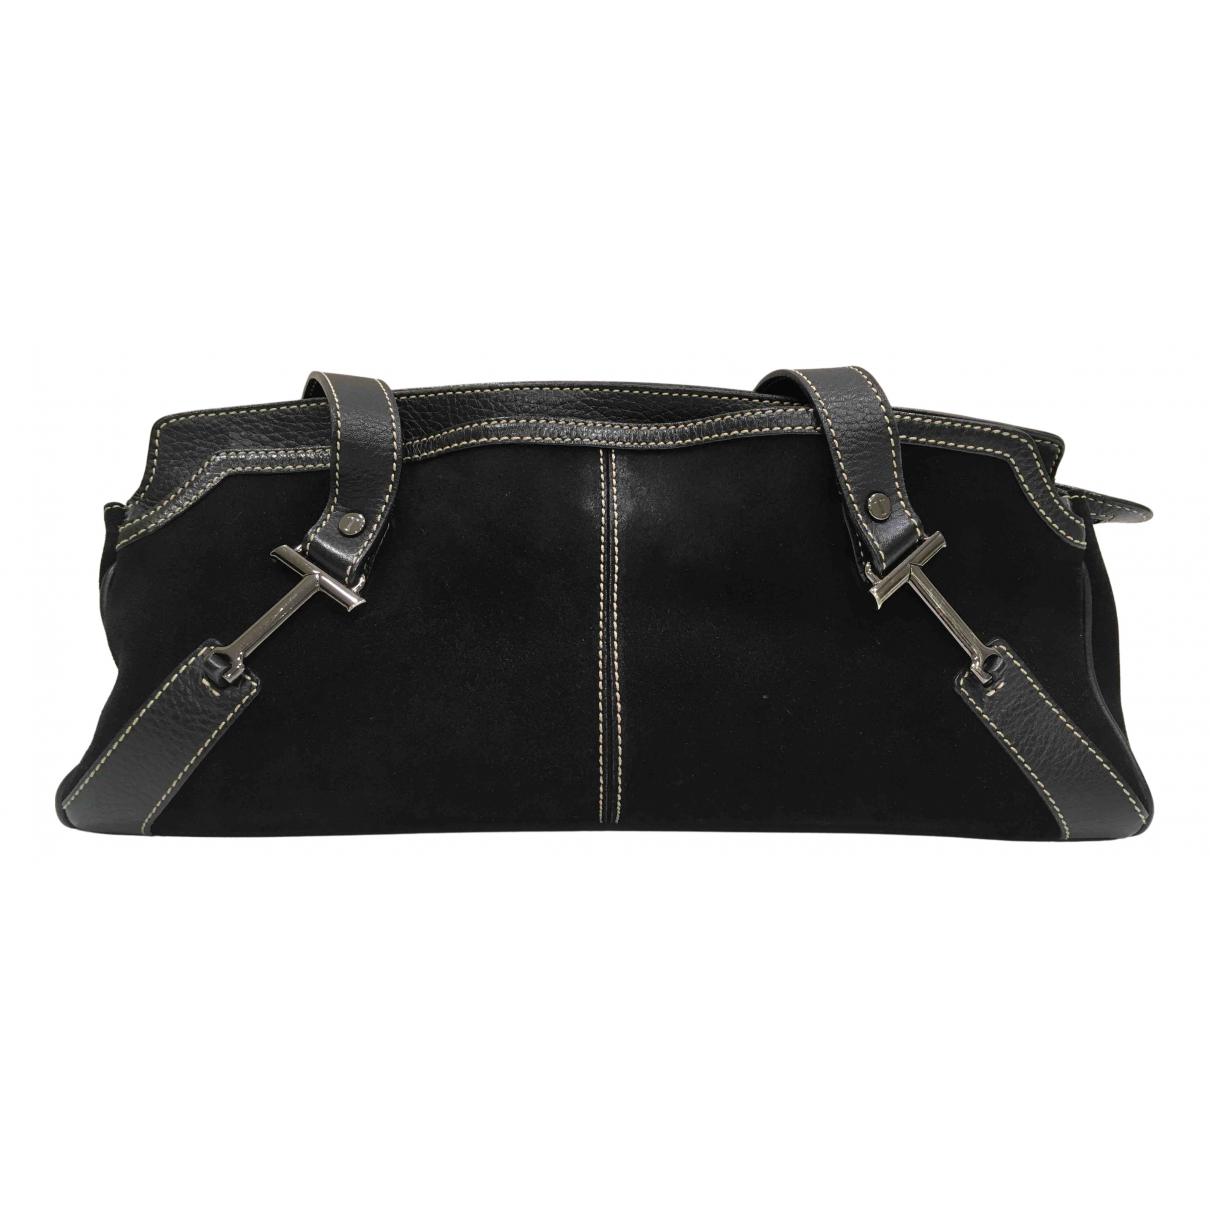 Tod's N Black Suede handbag for Women N